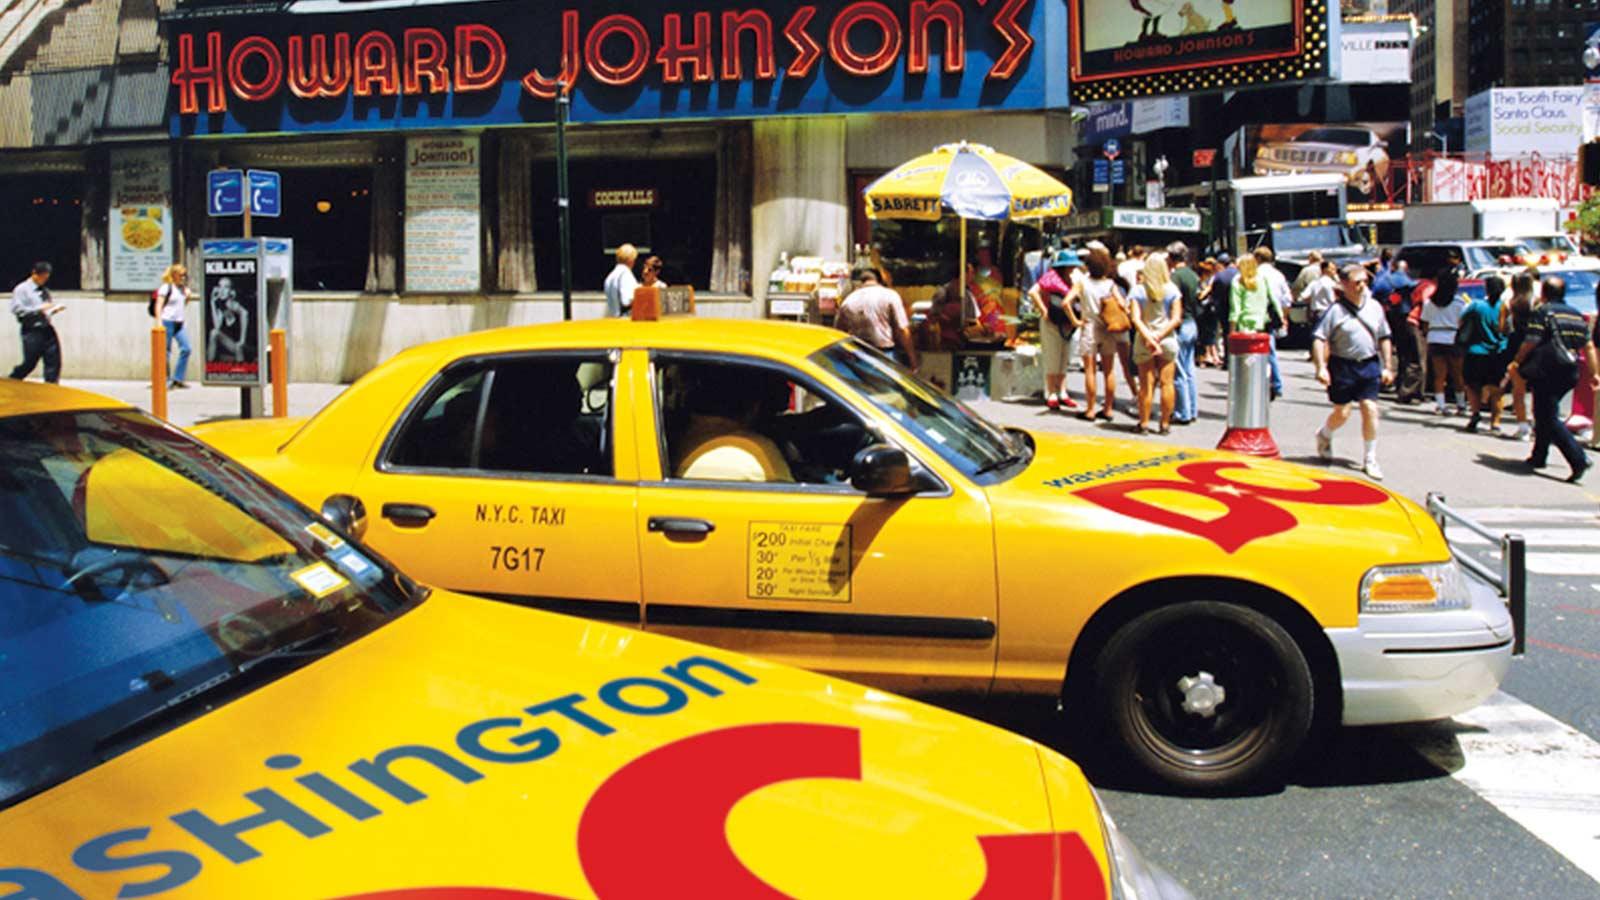 Washington, DC | Le branding de Washington, DC | Agence créative, Branding de lieux, Design, Publicité, Stratégie, Stratégie de marque